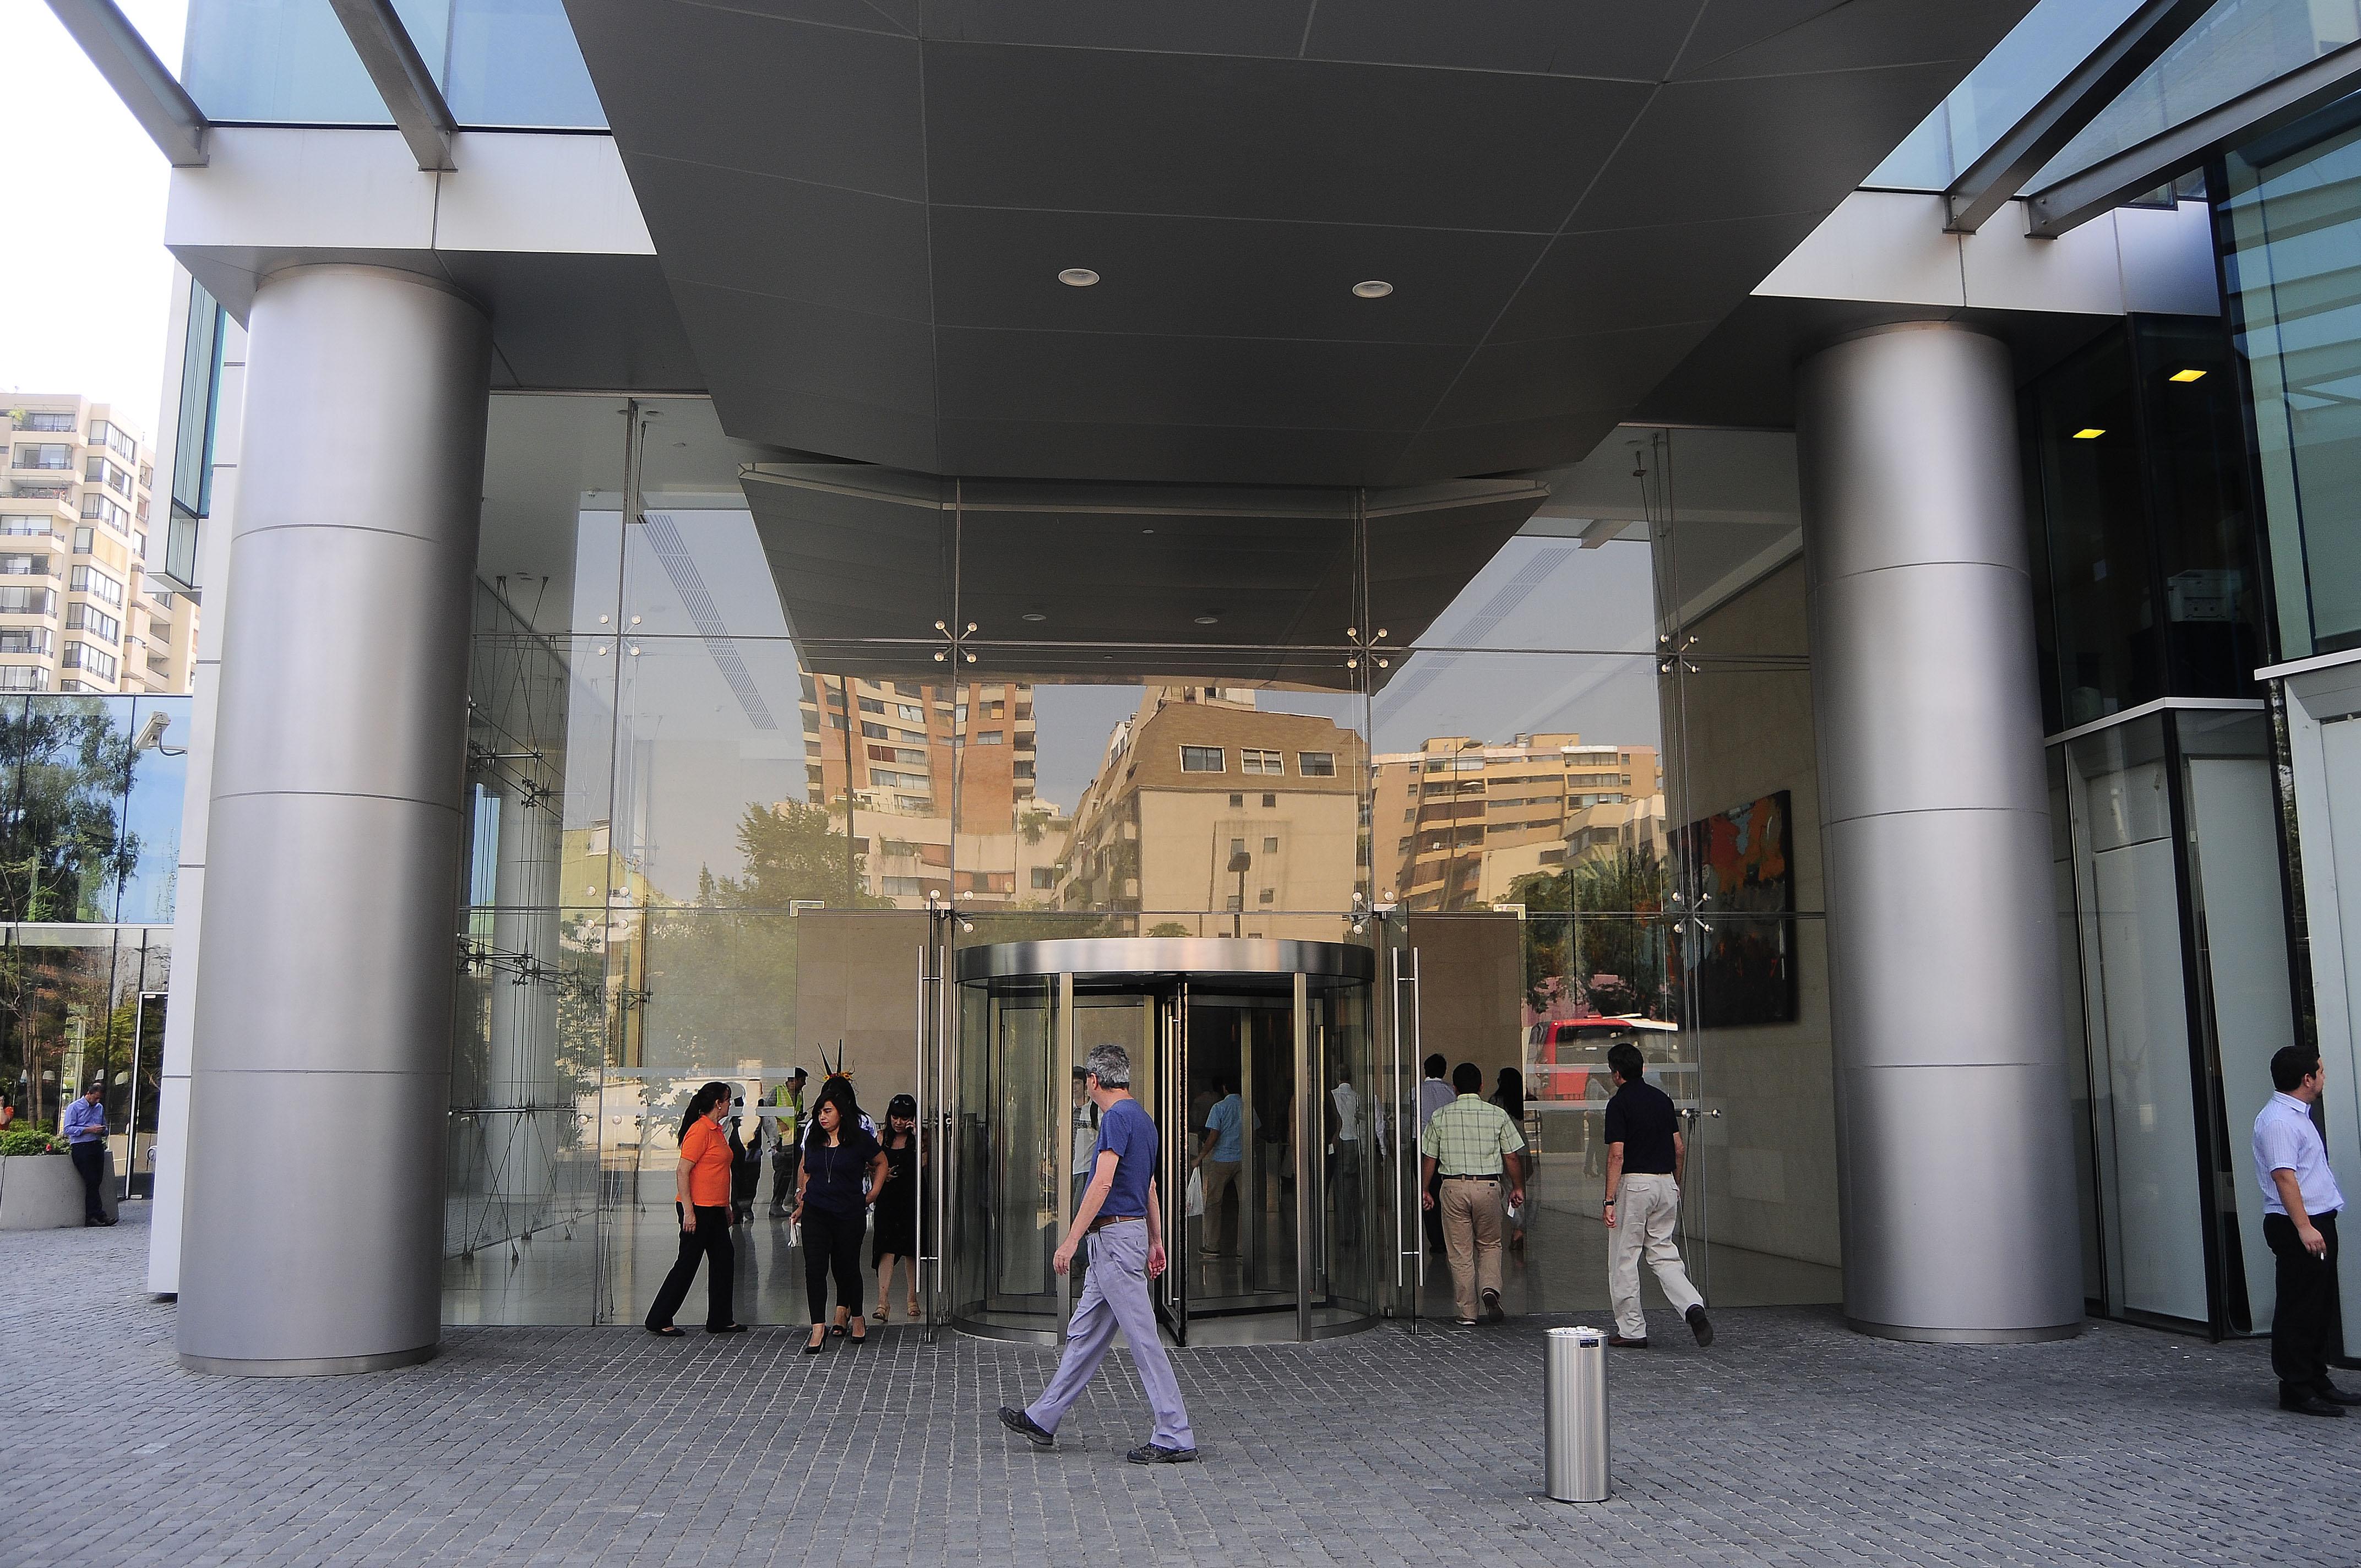 Isapres tienen $11.725 millones disponibles para devolver: ¿Cómo cobrar los excesos?